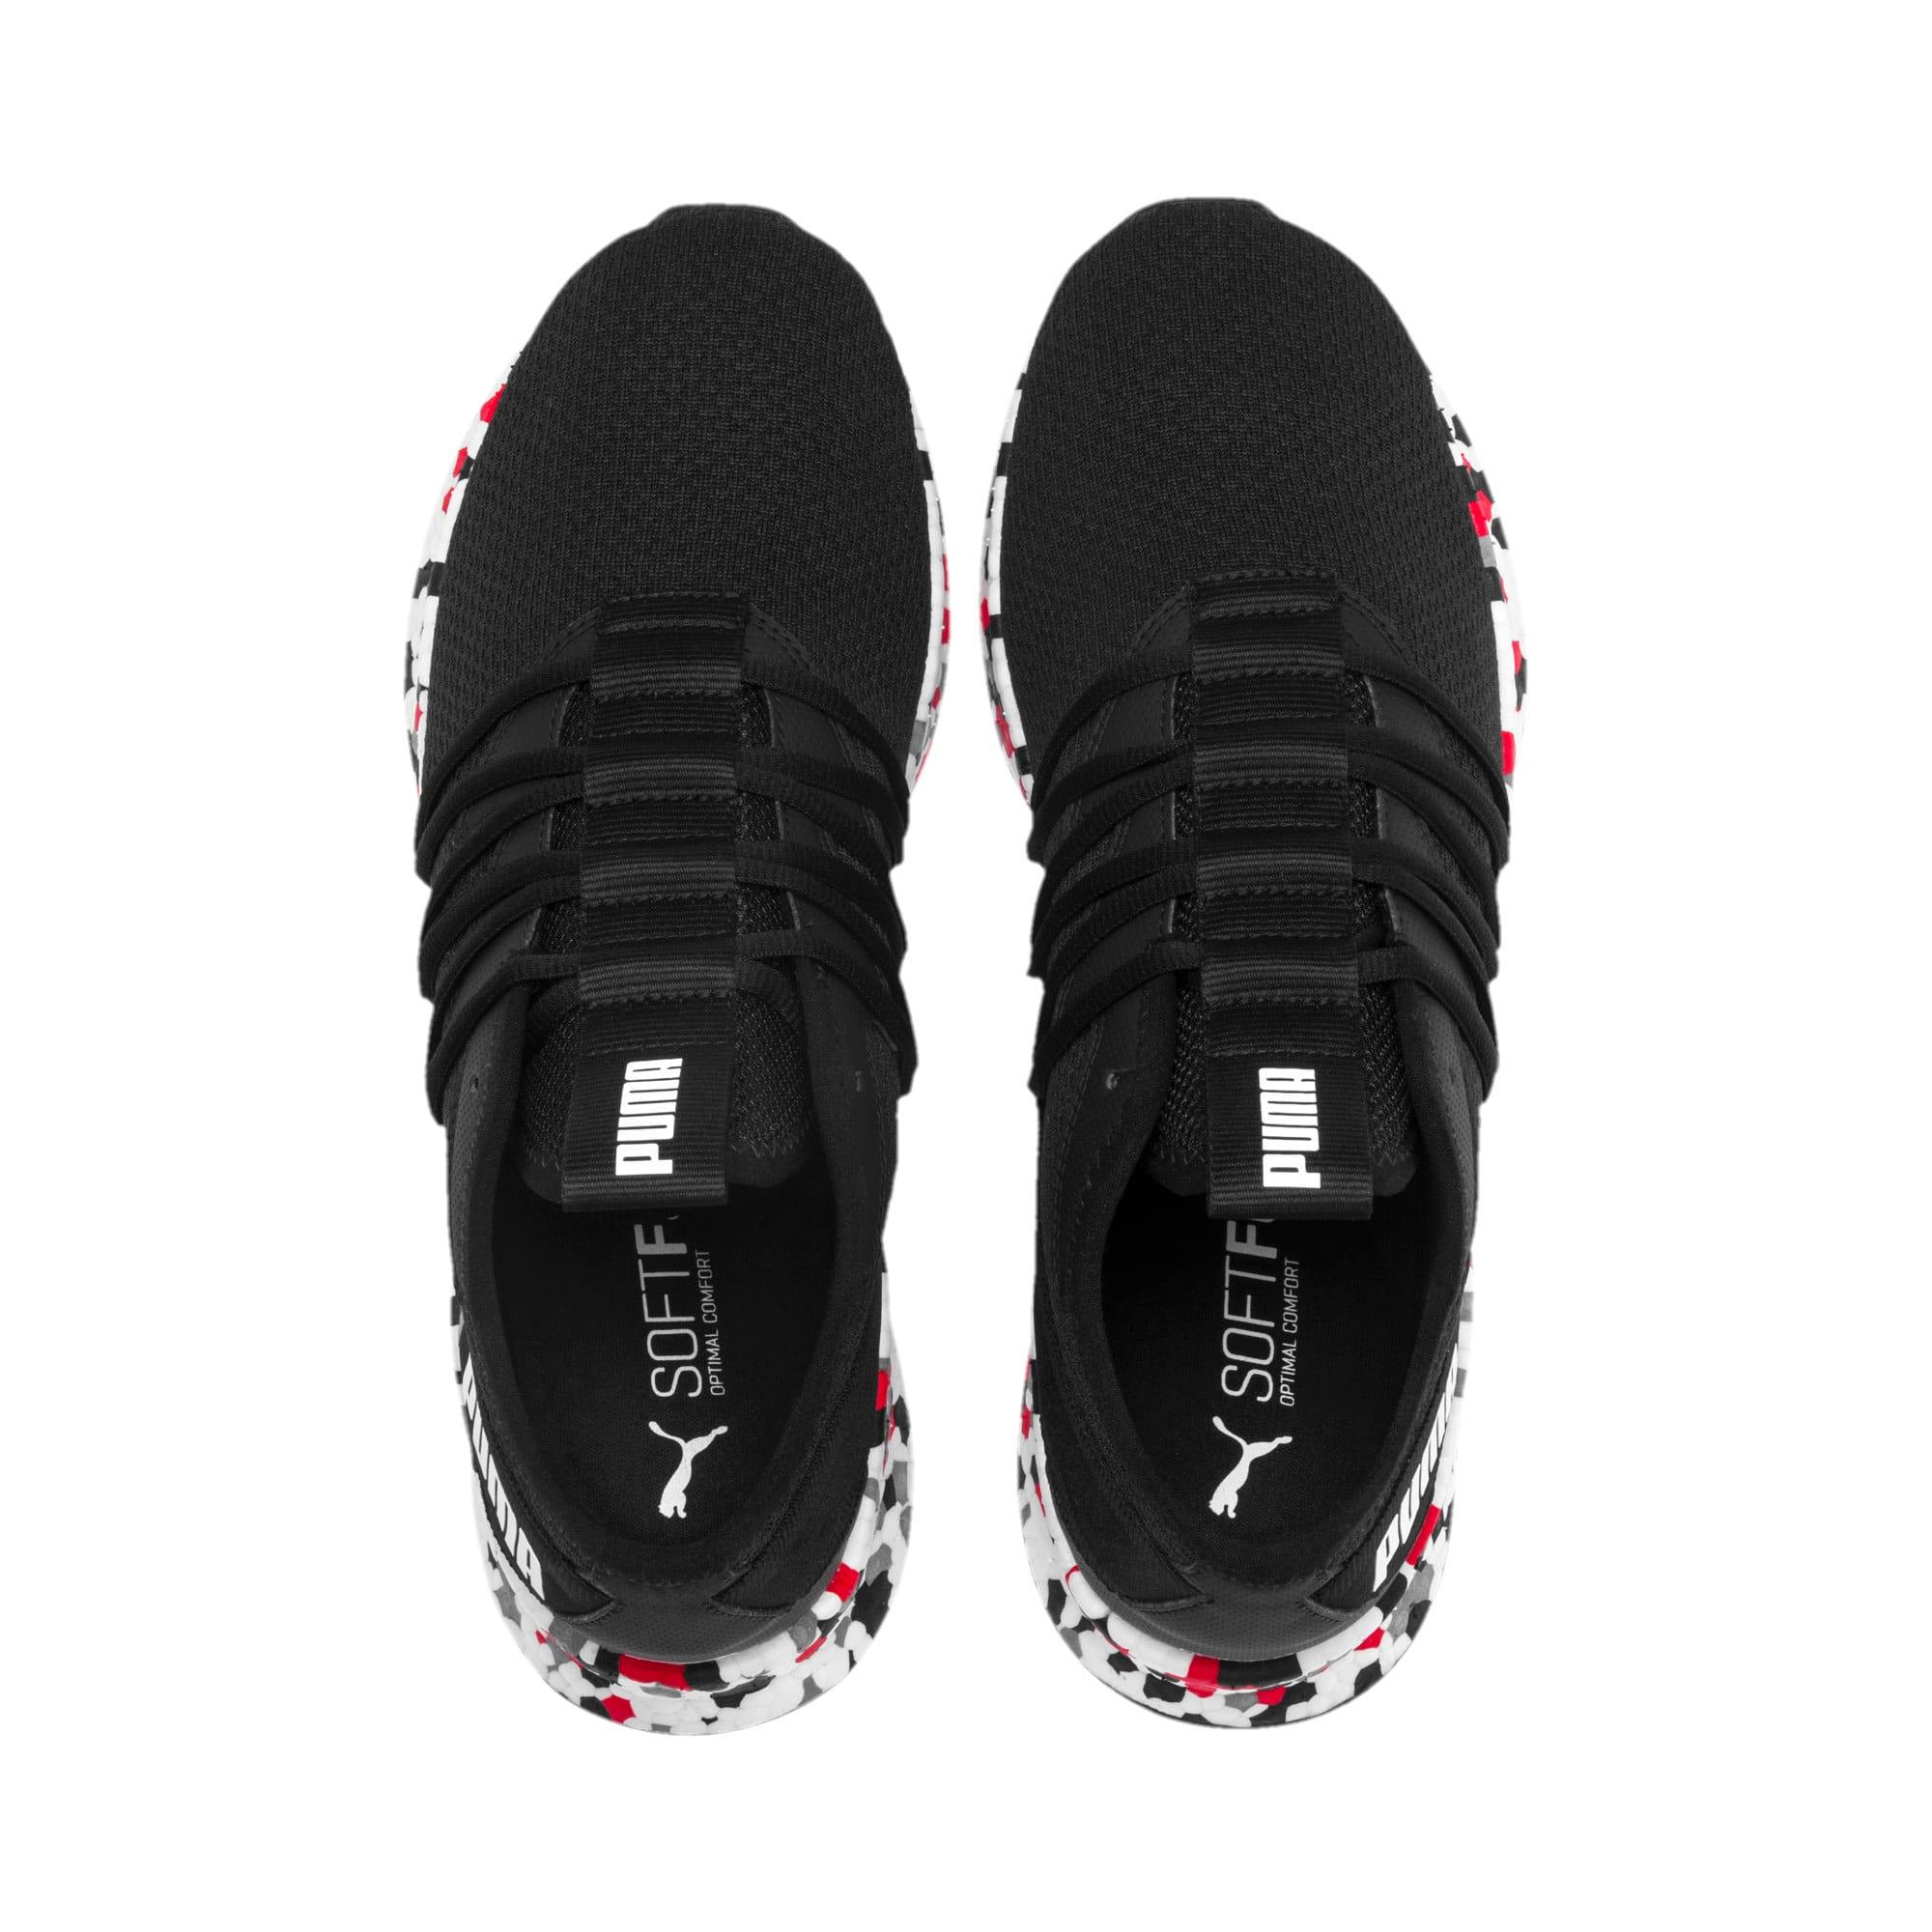 Thumbnail 7 of NRGY Star Multi Running Shoes, Black-White-Red, medium